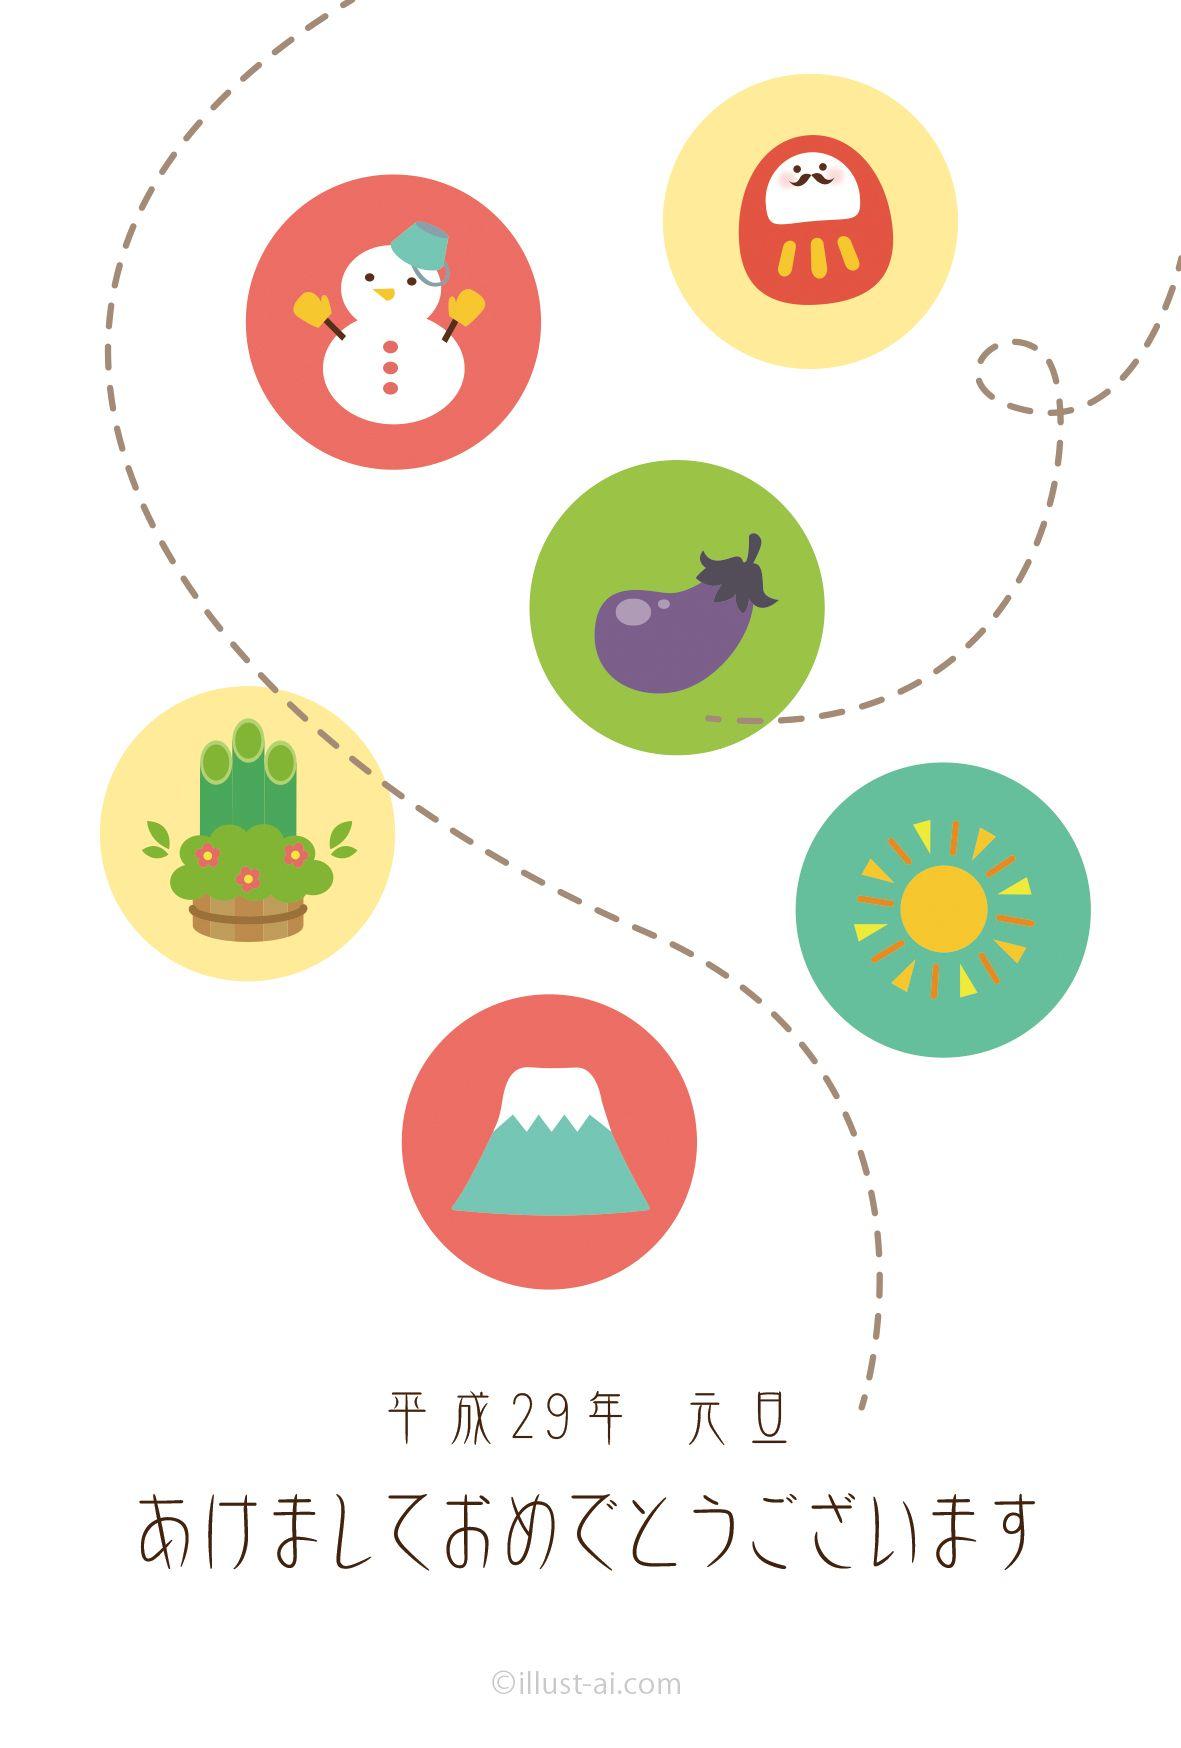 お正月モチーフ 年賀状 2017 シンプル 無料 イラスト Japanese Style